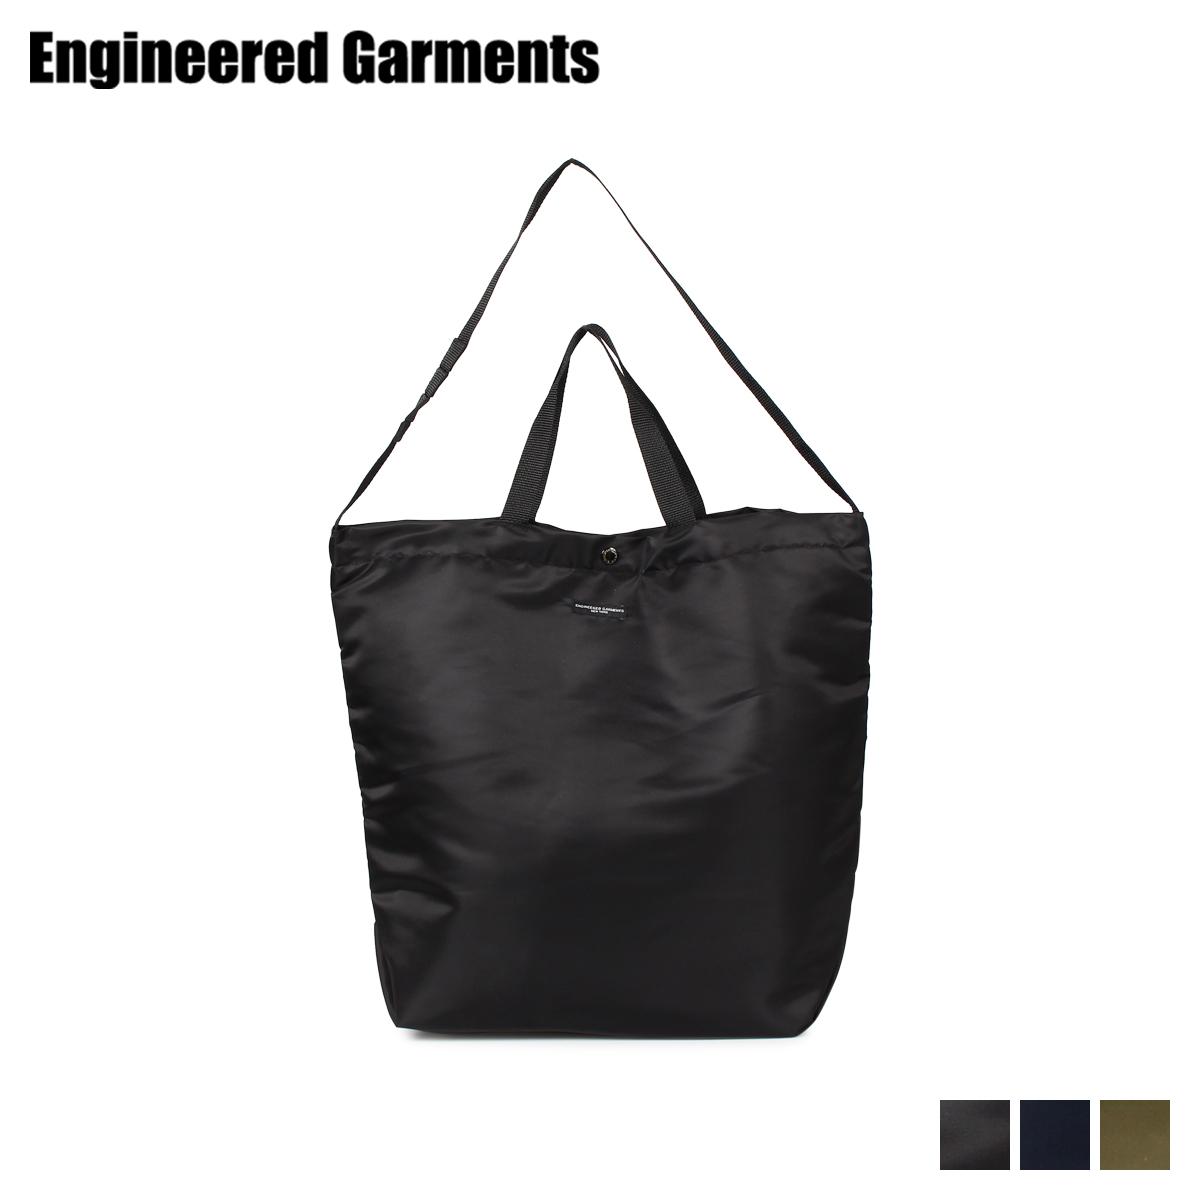 ENGINEERED GARMENTS エンジニアドガーメンツ バッグ トートバッグ ショルダーバッグ メンズ レディース 2WAY CARRY ALL TOTE ブラック ネイビー オリーブ 黒 19F1D005